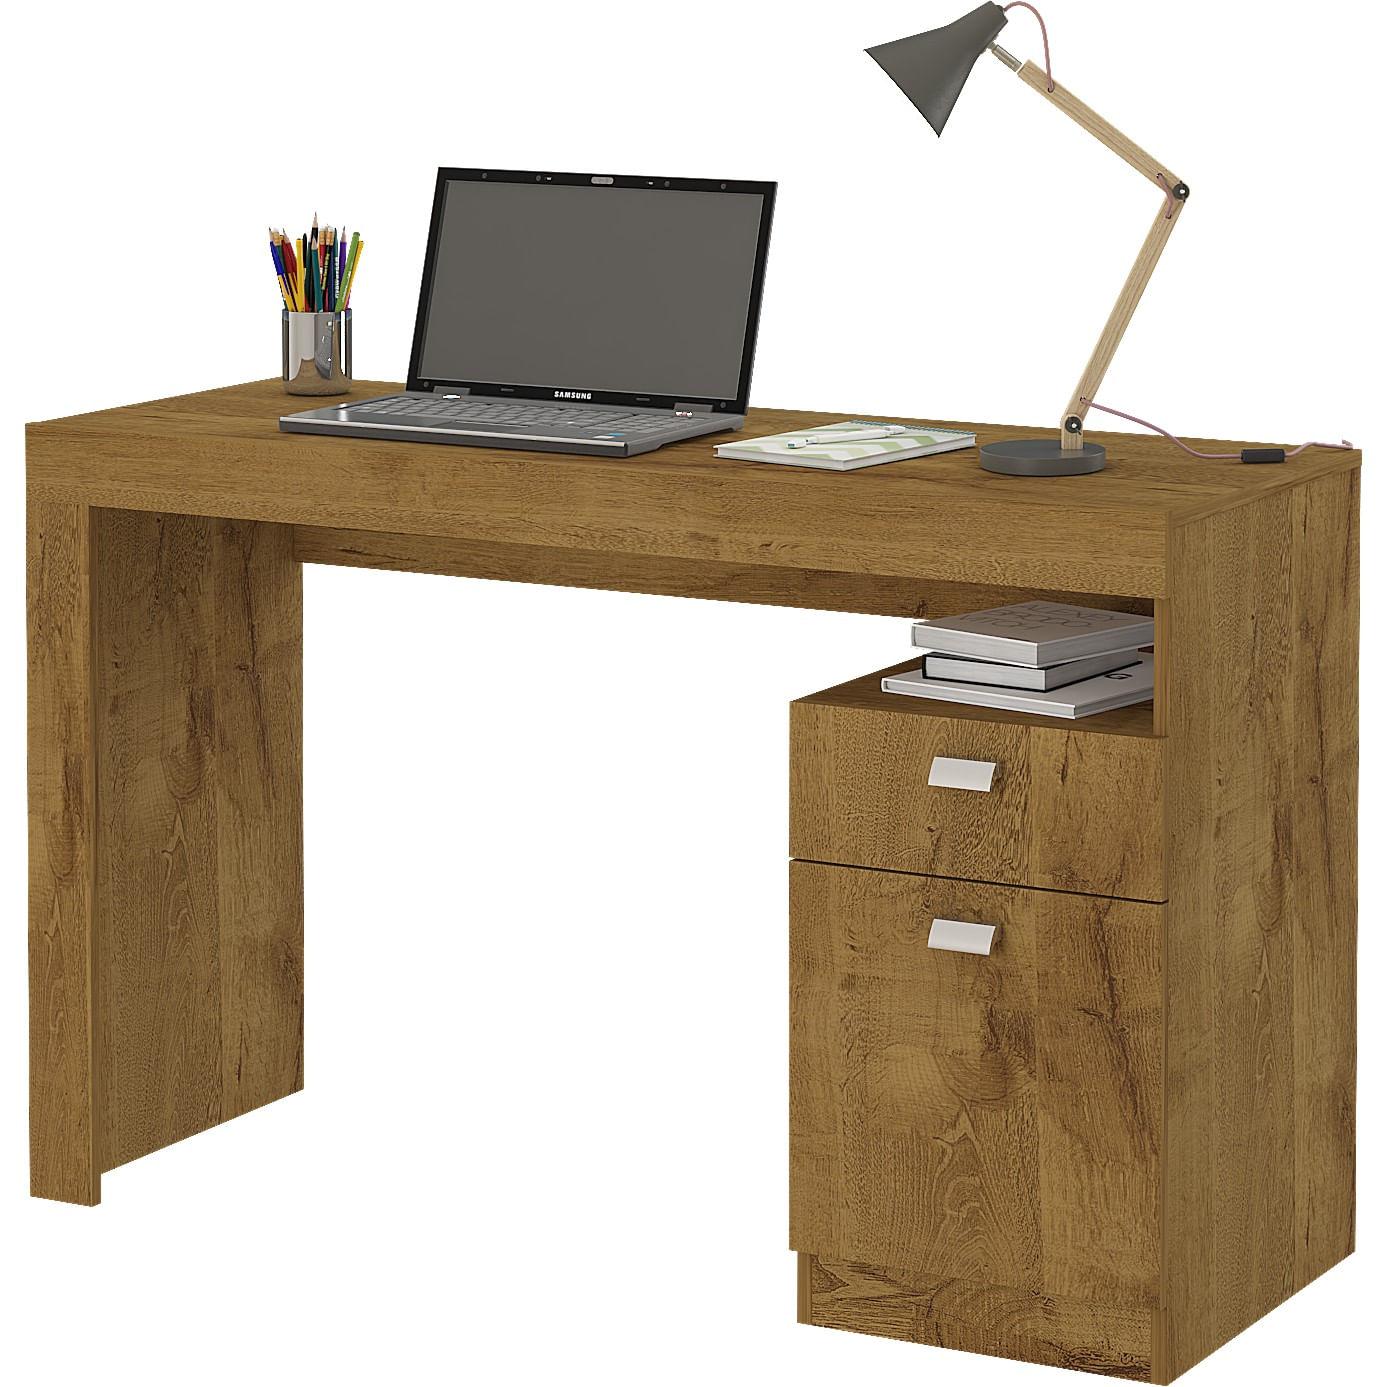 Mesa para Escritório 1 Gaveta 1 Porta Mel Melissa - Permóbili